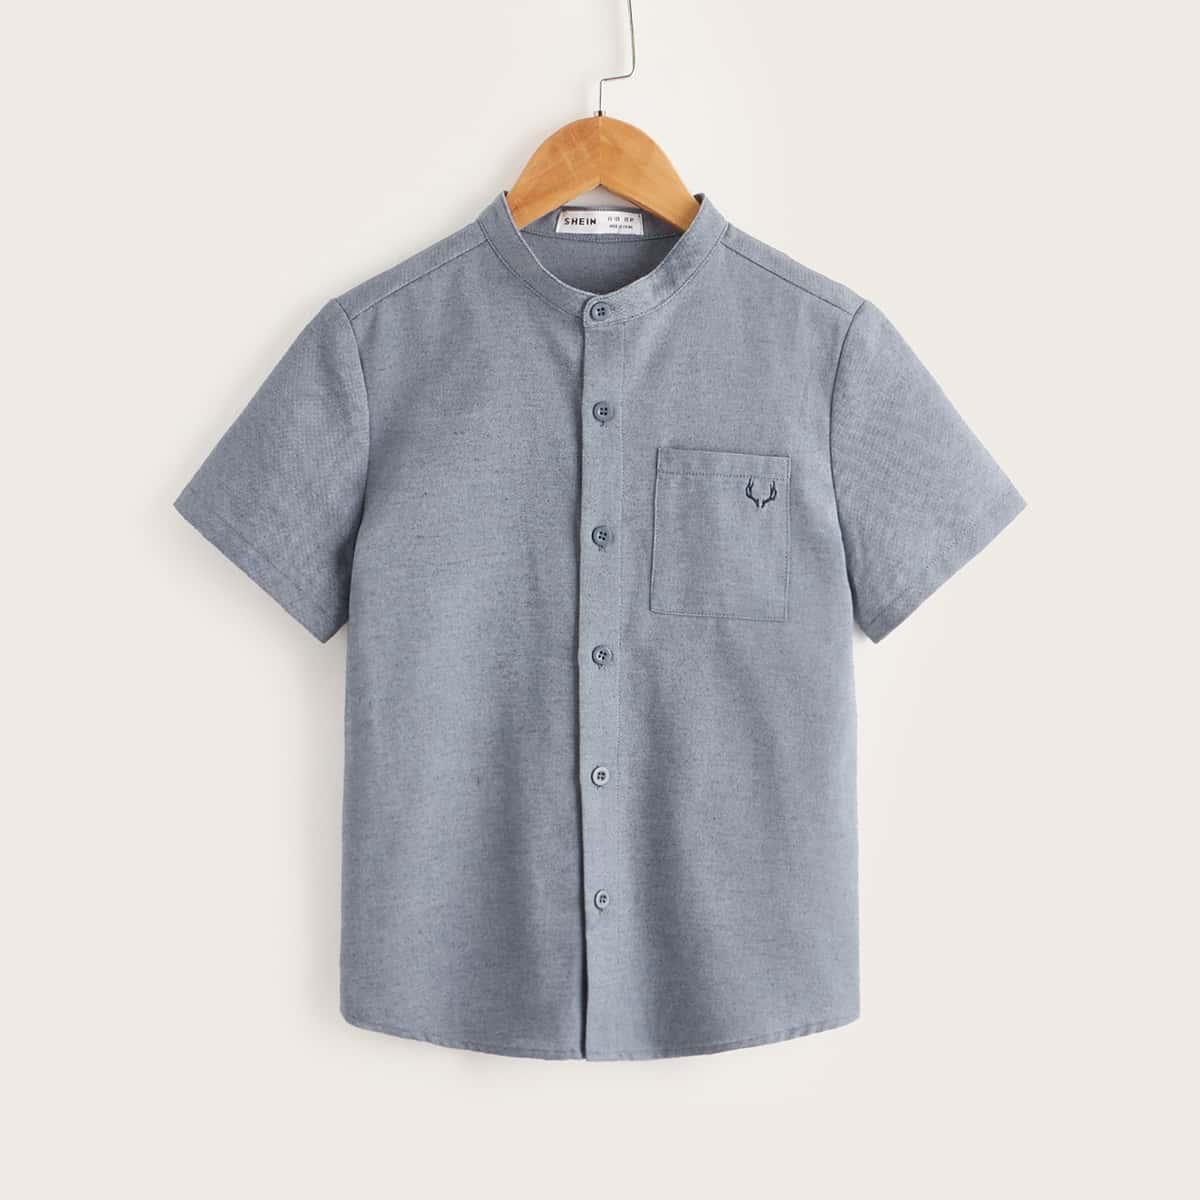 для мальчиков Рубашка оленьи рога вышивкой с карманом